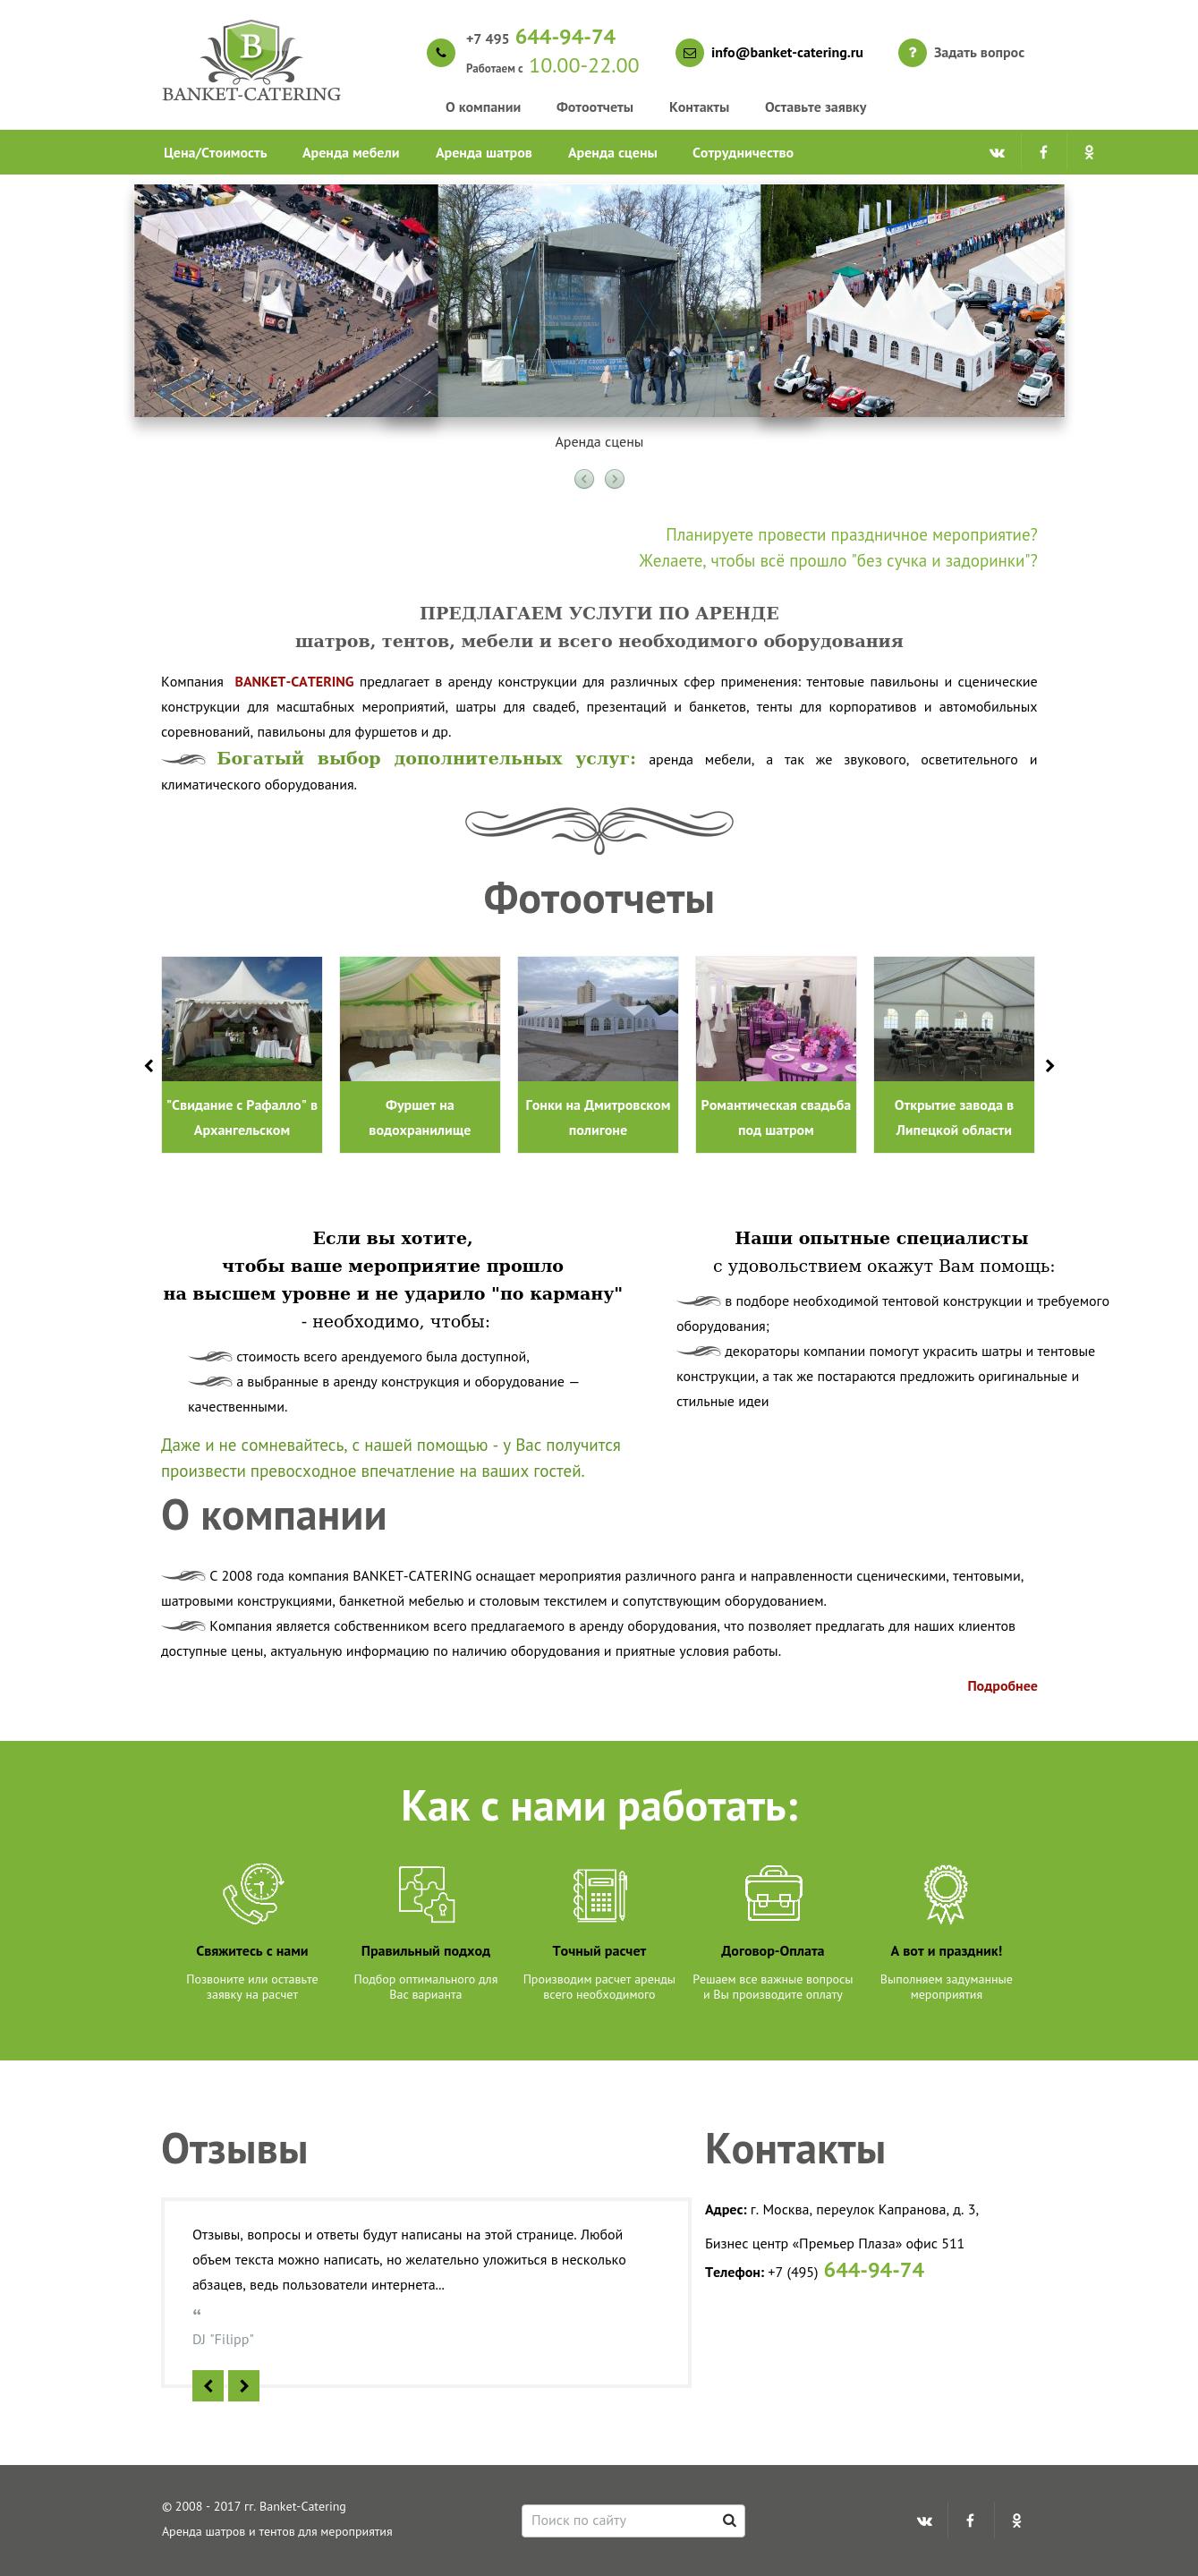 сайт для компании BANKET-CATERING